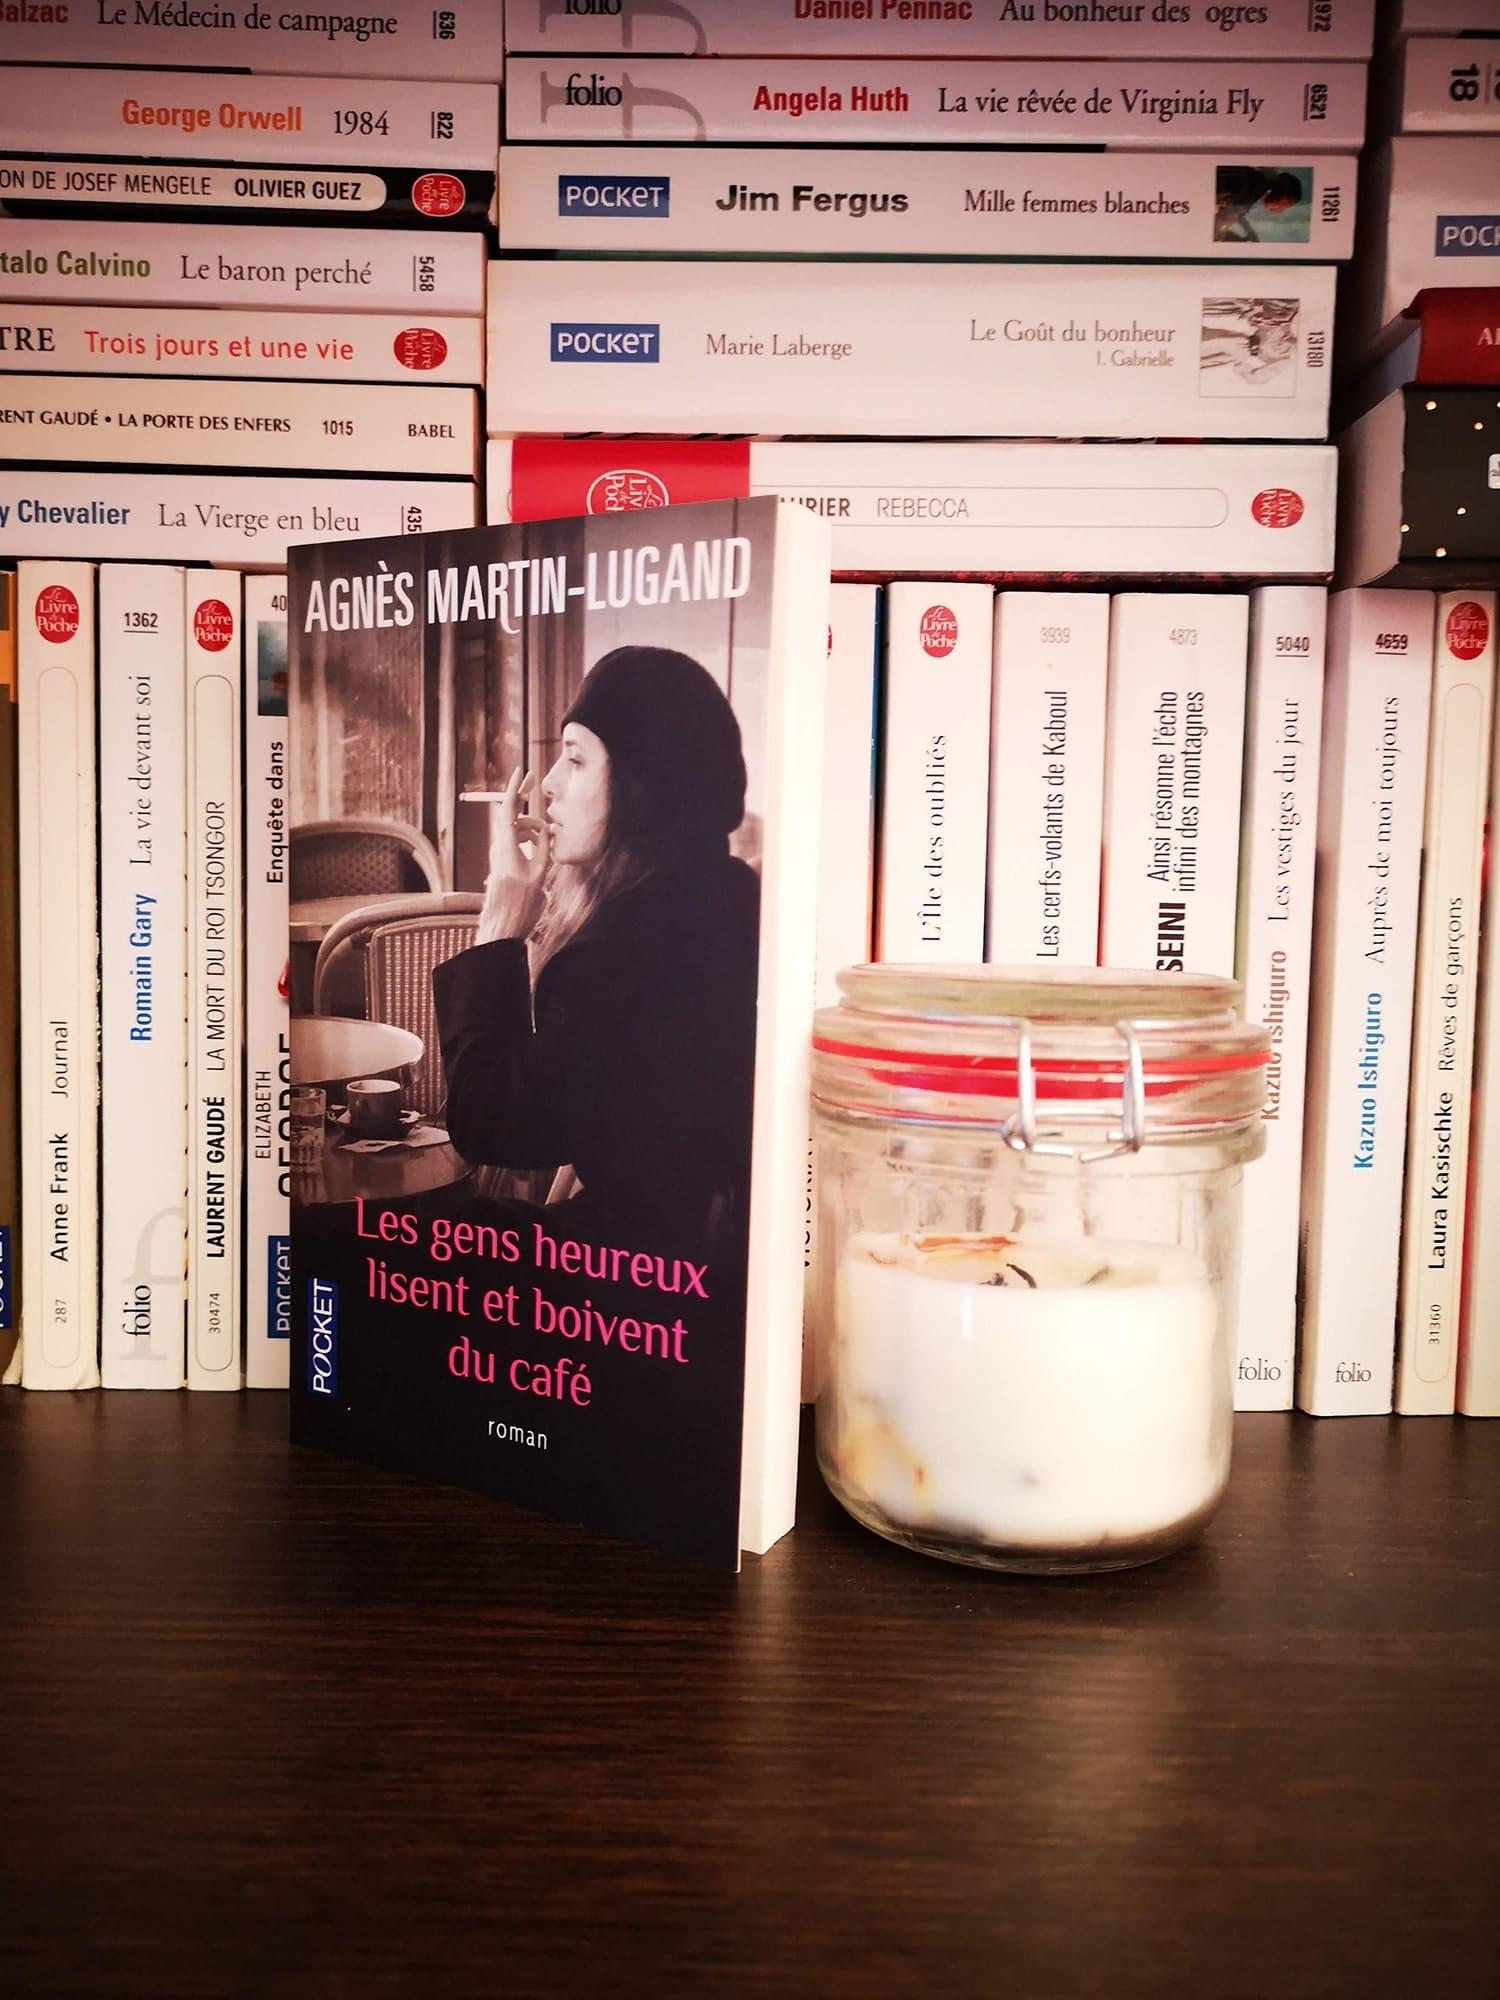 Les gens heureux lisent et boivent du café, Agnès Martin-Lugand – 2013 – Ed. Pocket, 187 p.